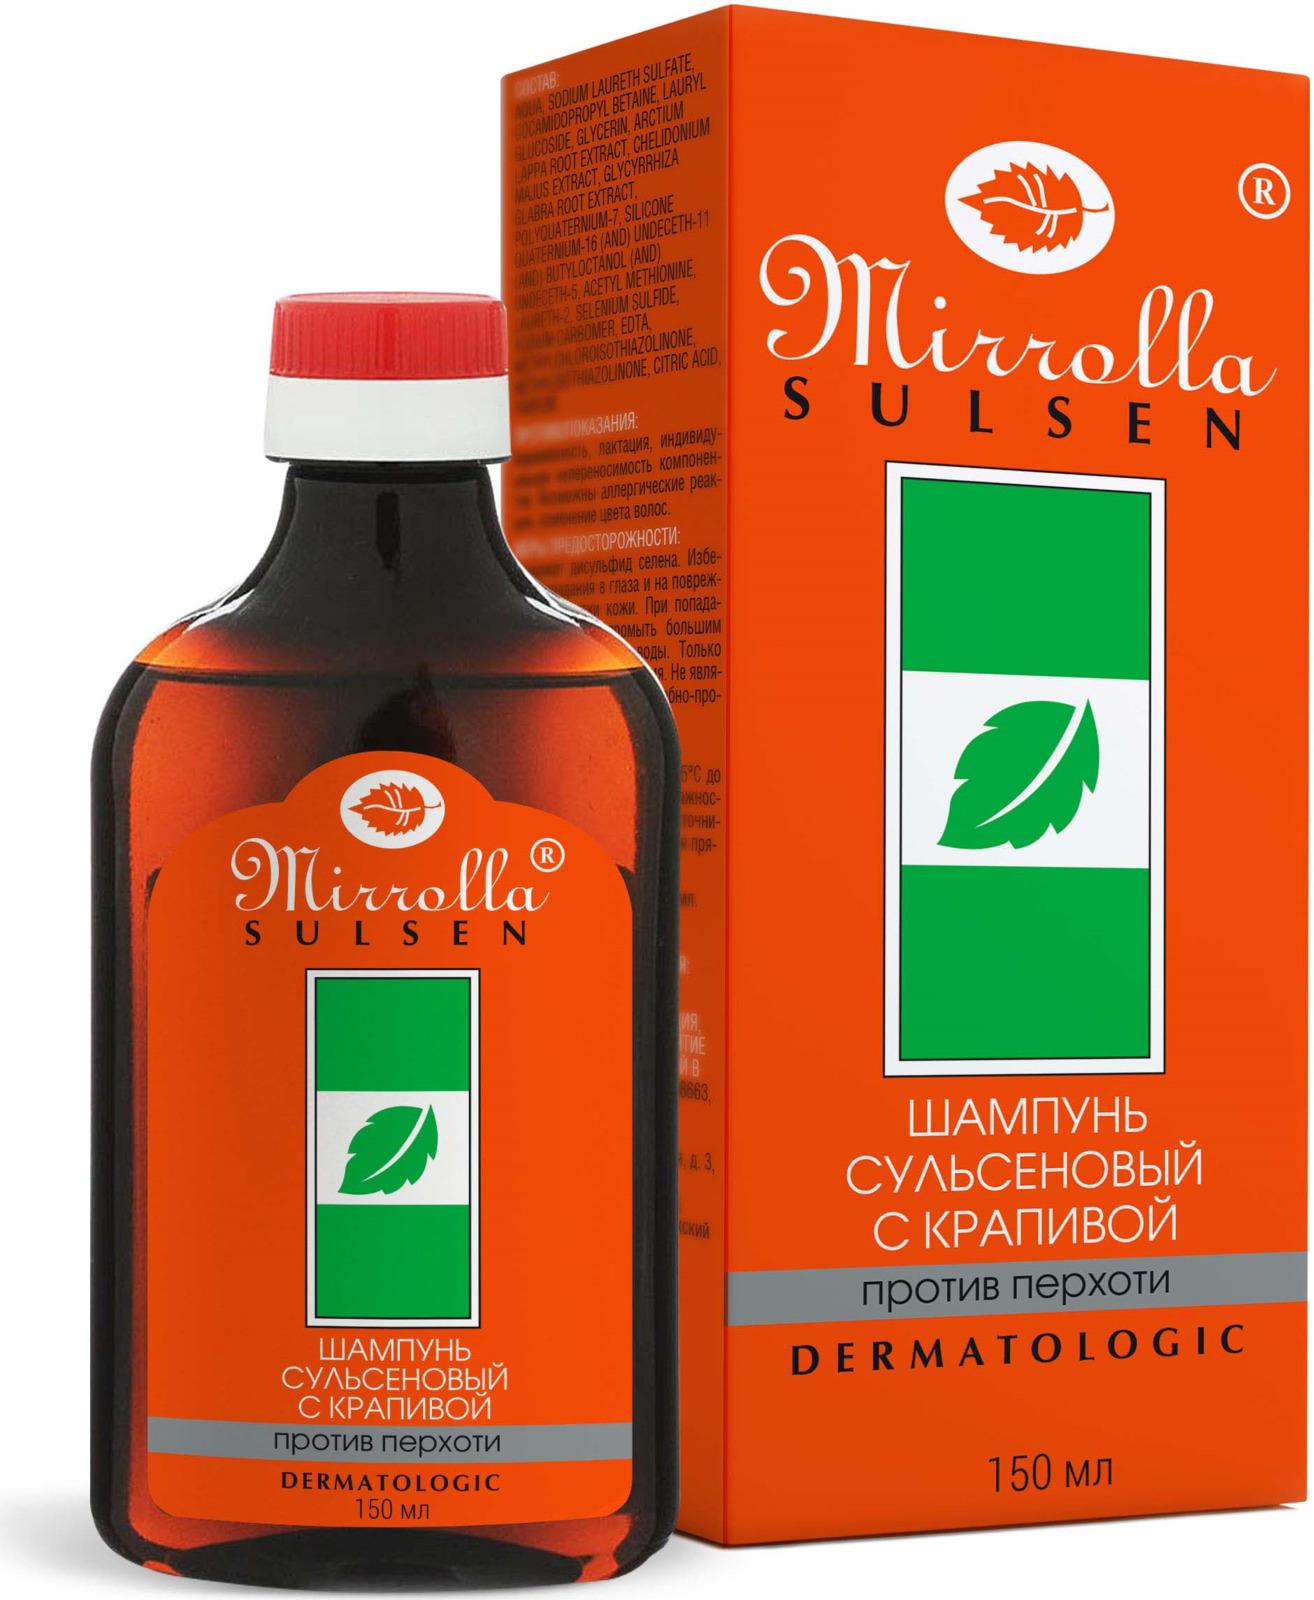 Мирролла Шампунь для волос «Сульсен Форте» с крапивой, против перхоти, 150 мл мирролла сульсен форте шампунь с климбазолом против перхоти 250мл